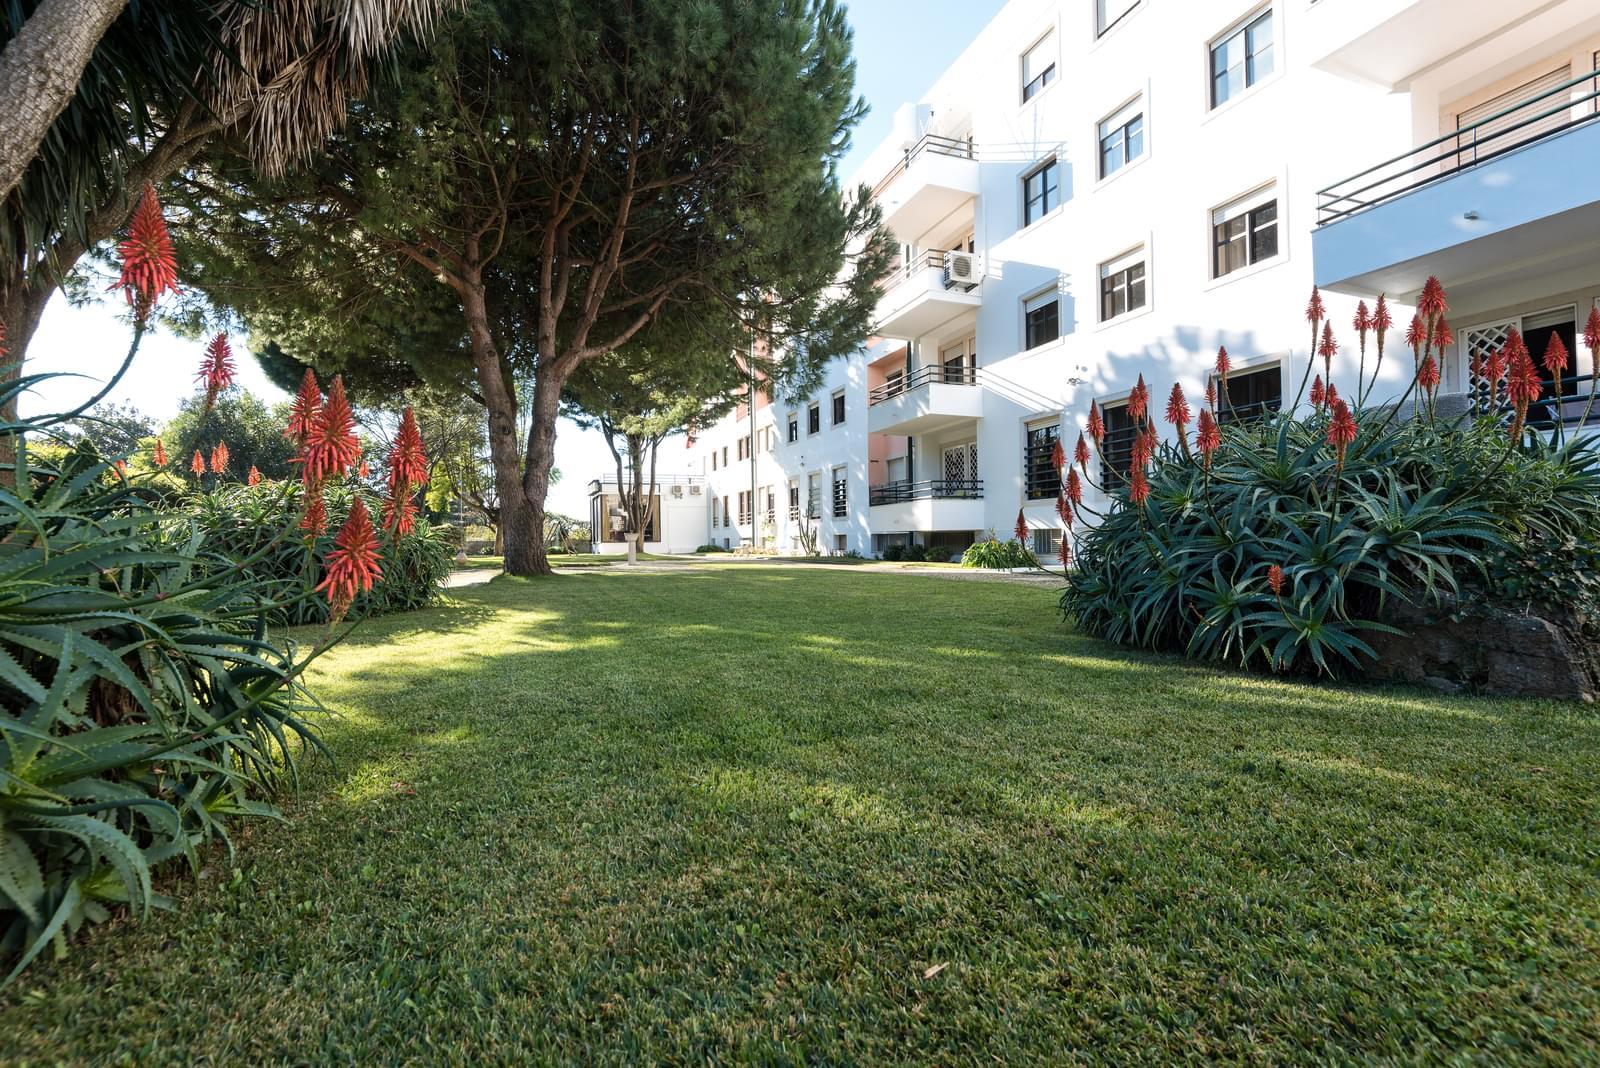 pf18963-apartamento-t5-cascais-2f337603-9a60-4725-91c1-9a289e0b7368